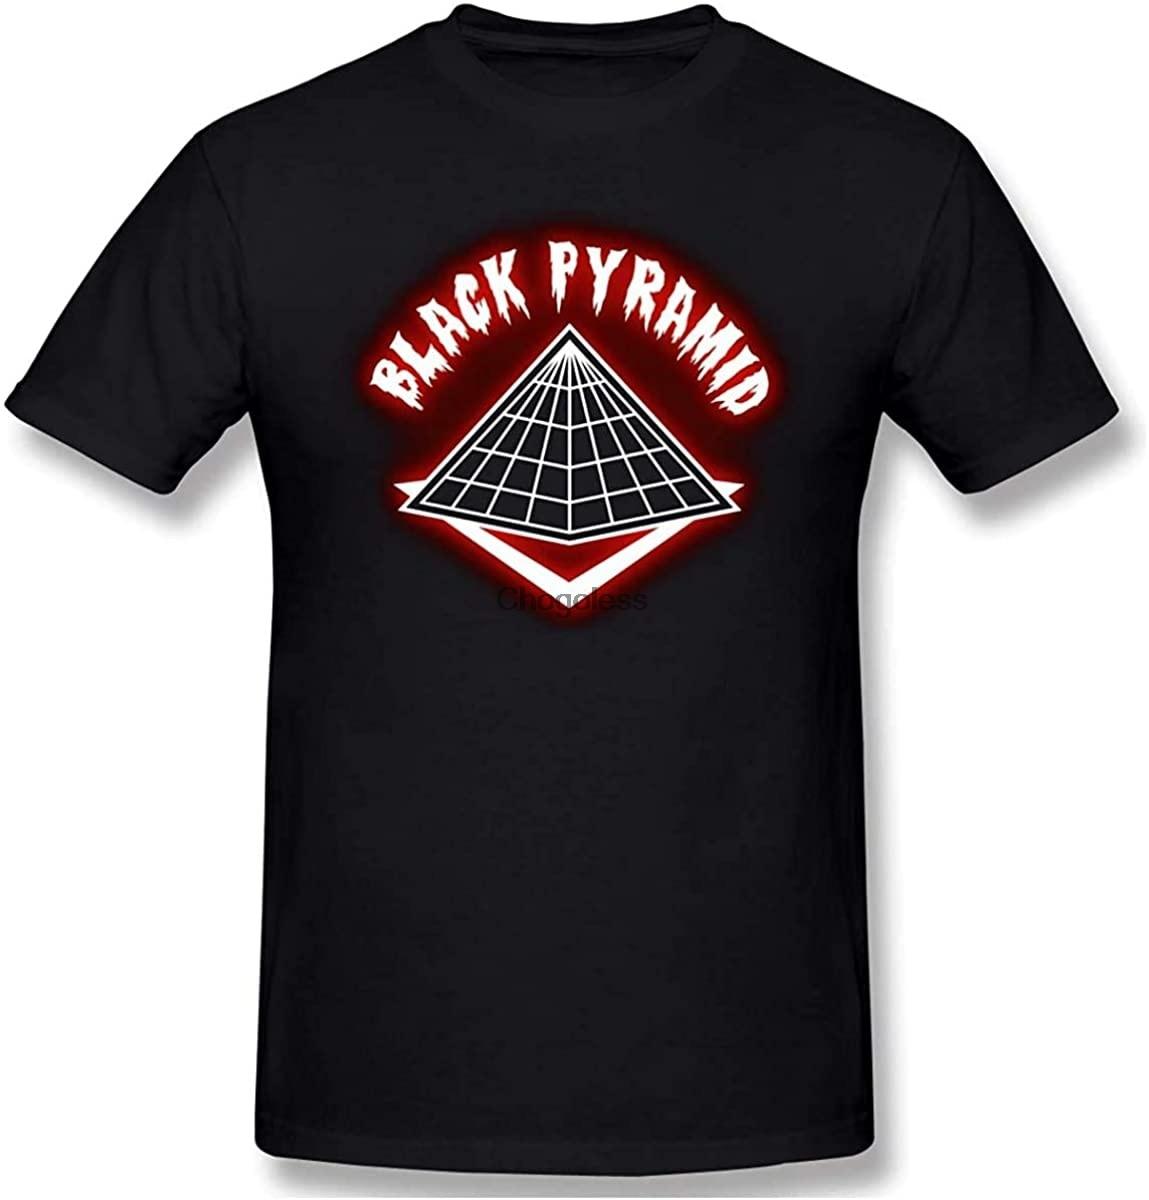 TOWFNBF8-Camiseta de manga corta para hombre de camisa de diseño de pirámide...